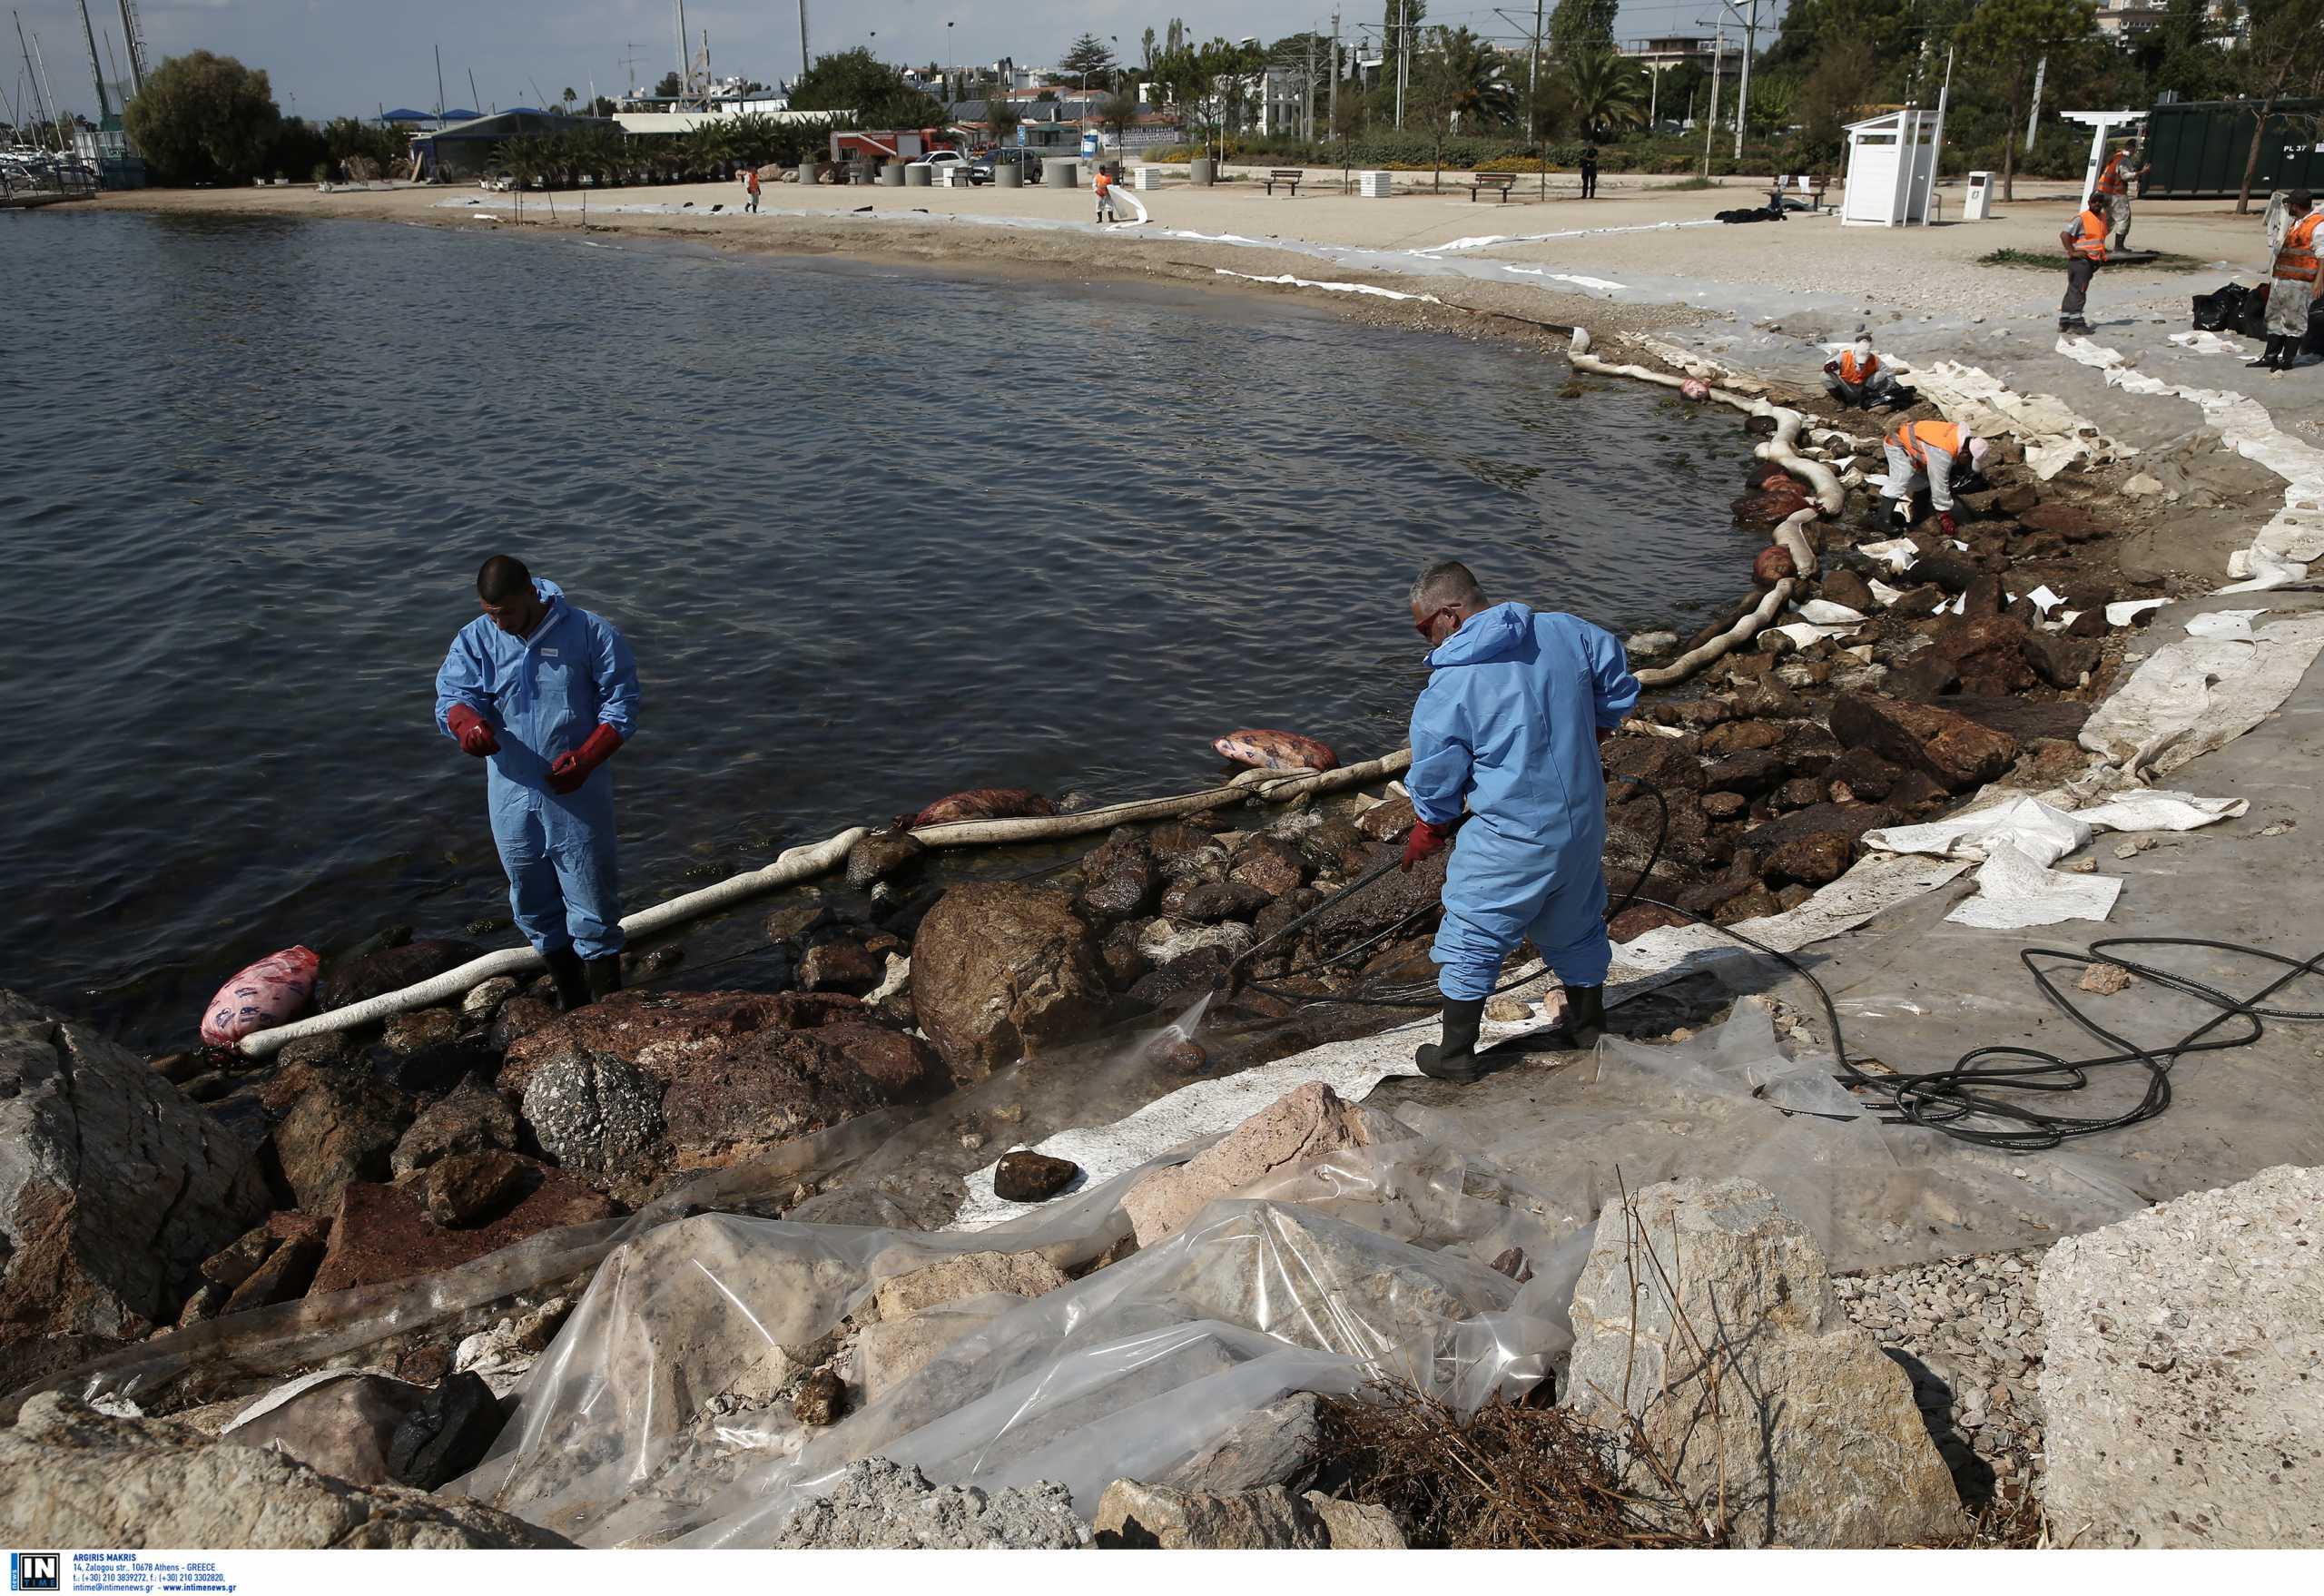 Ρύπανση στη θαλάσσια περιοχή της Γλυφάδας – Άμεση η αντιμετώπιση του προβλήματος